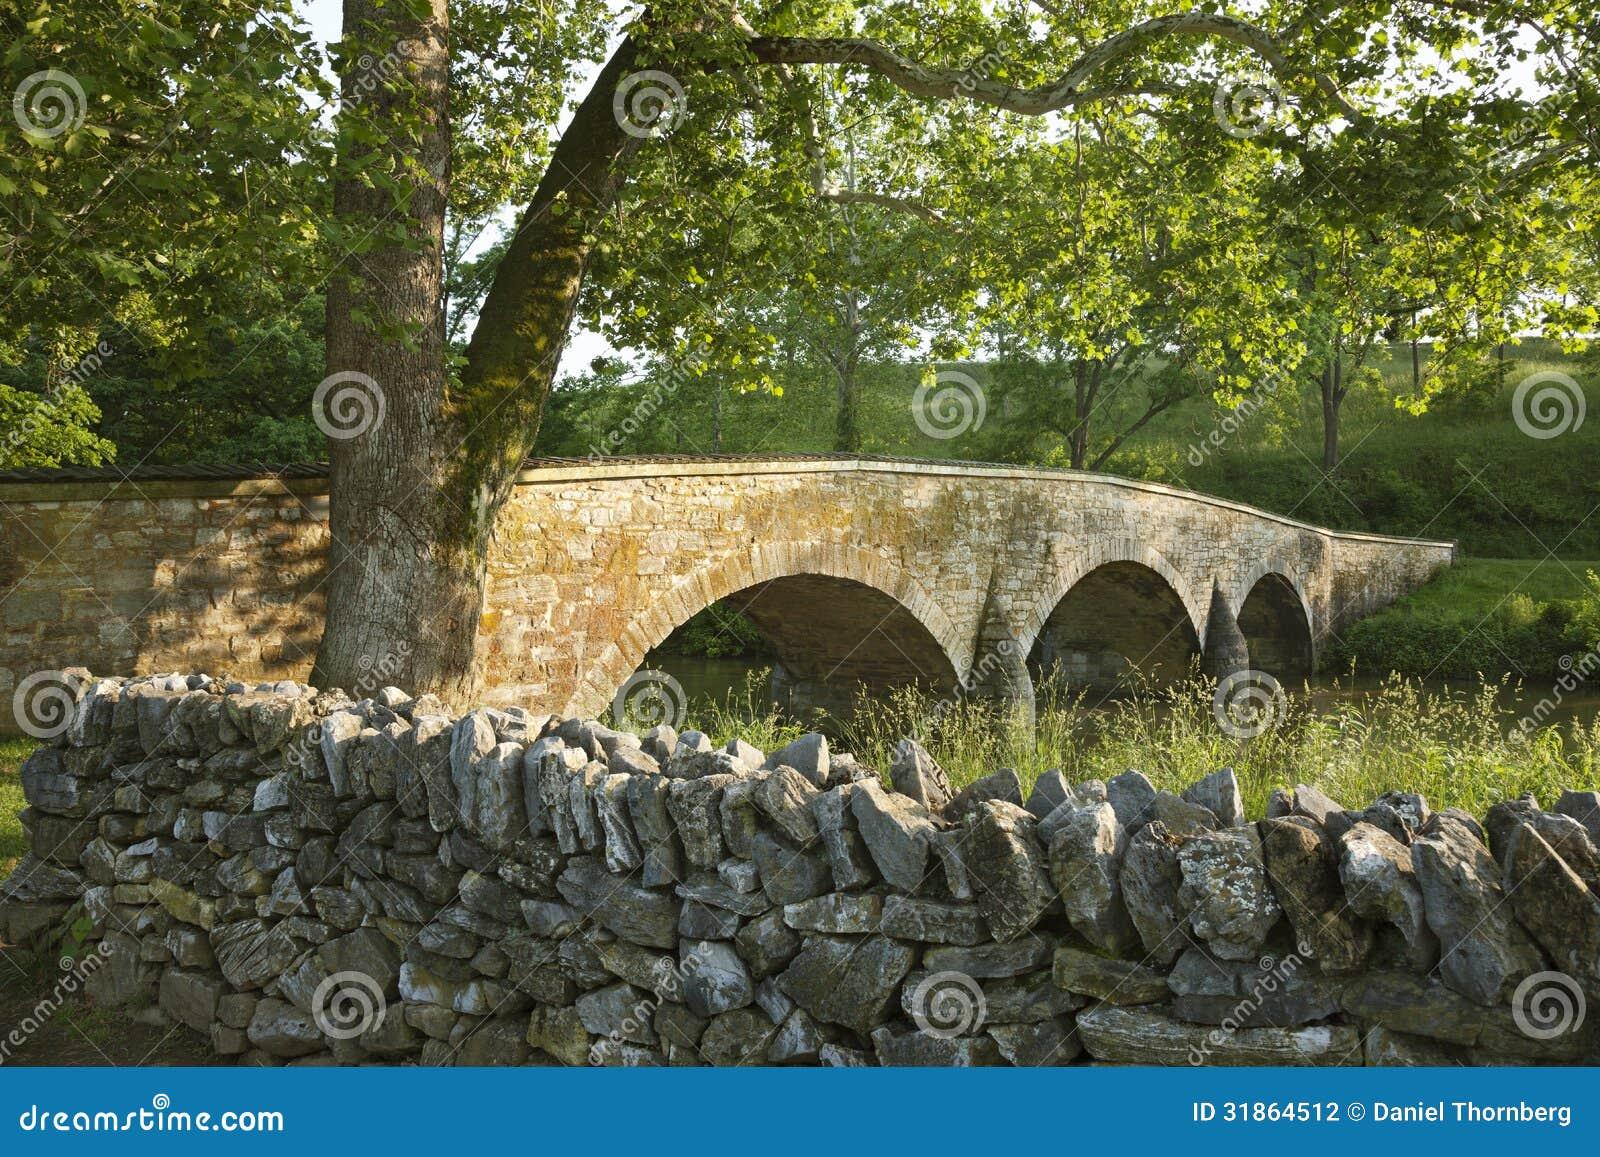 El puente de Burnside en el campo de batalla de Antietam (Sharpsburg) en Maryla